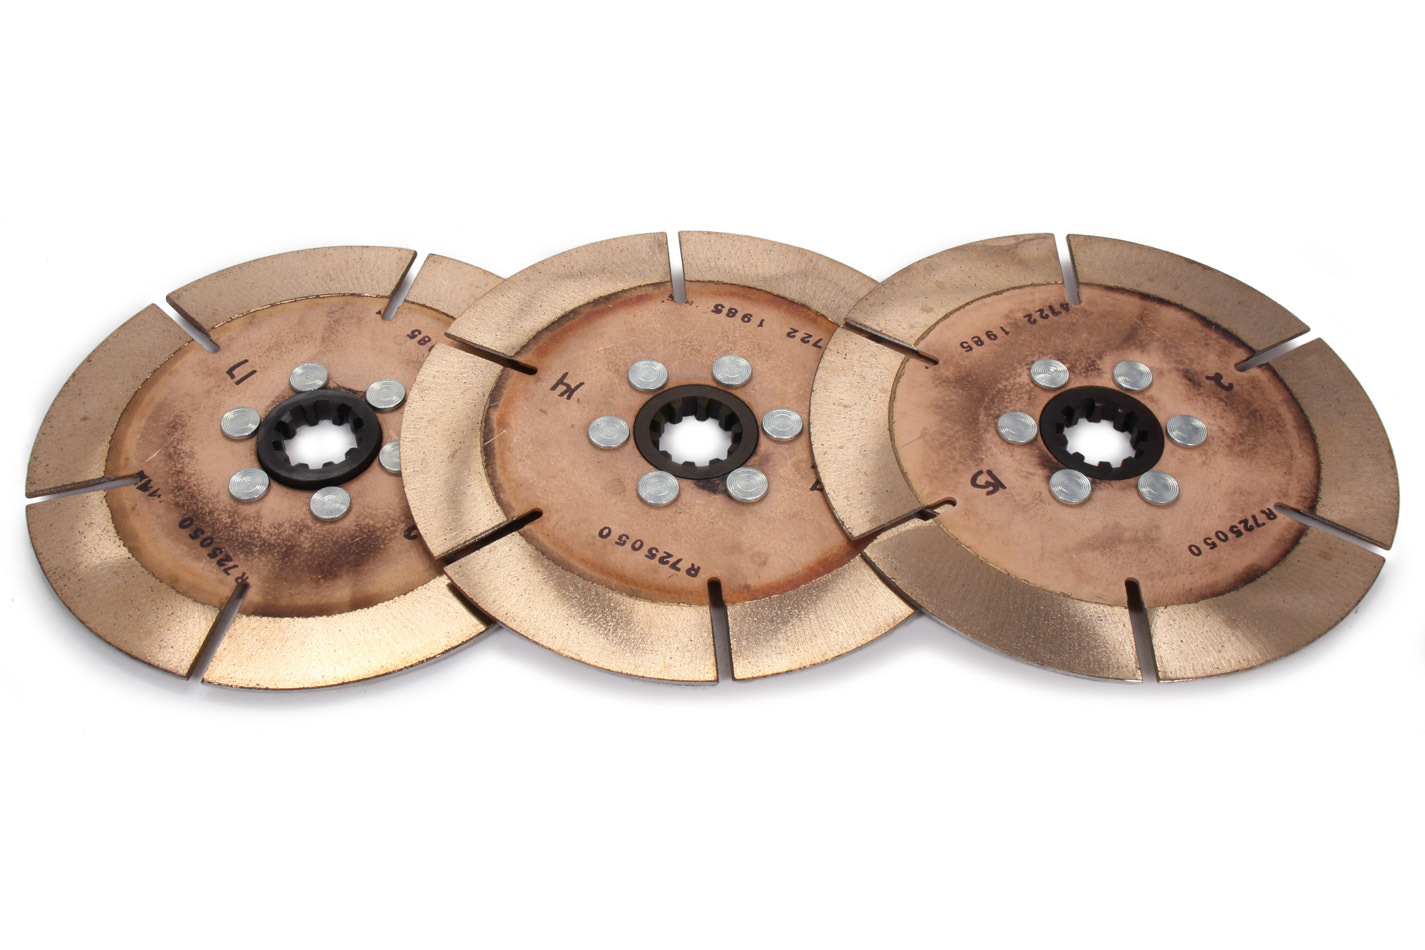 ACE Racing Clutches R725103K3 Clutch Disc, 7-1/4 in Diameter, 1-1/8 in x 10 Spline, Ceramic / Metallic, Universal, Set of 3